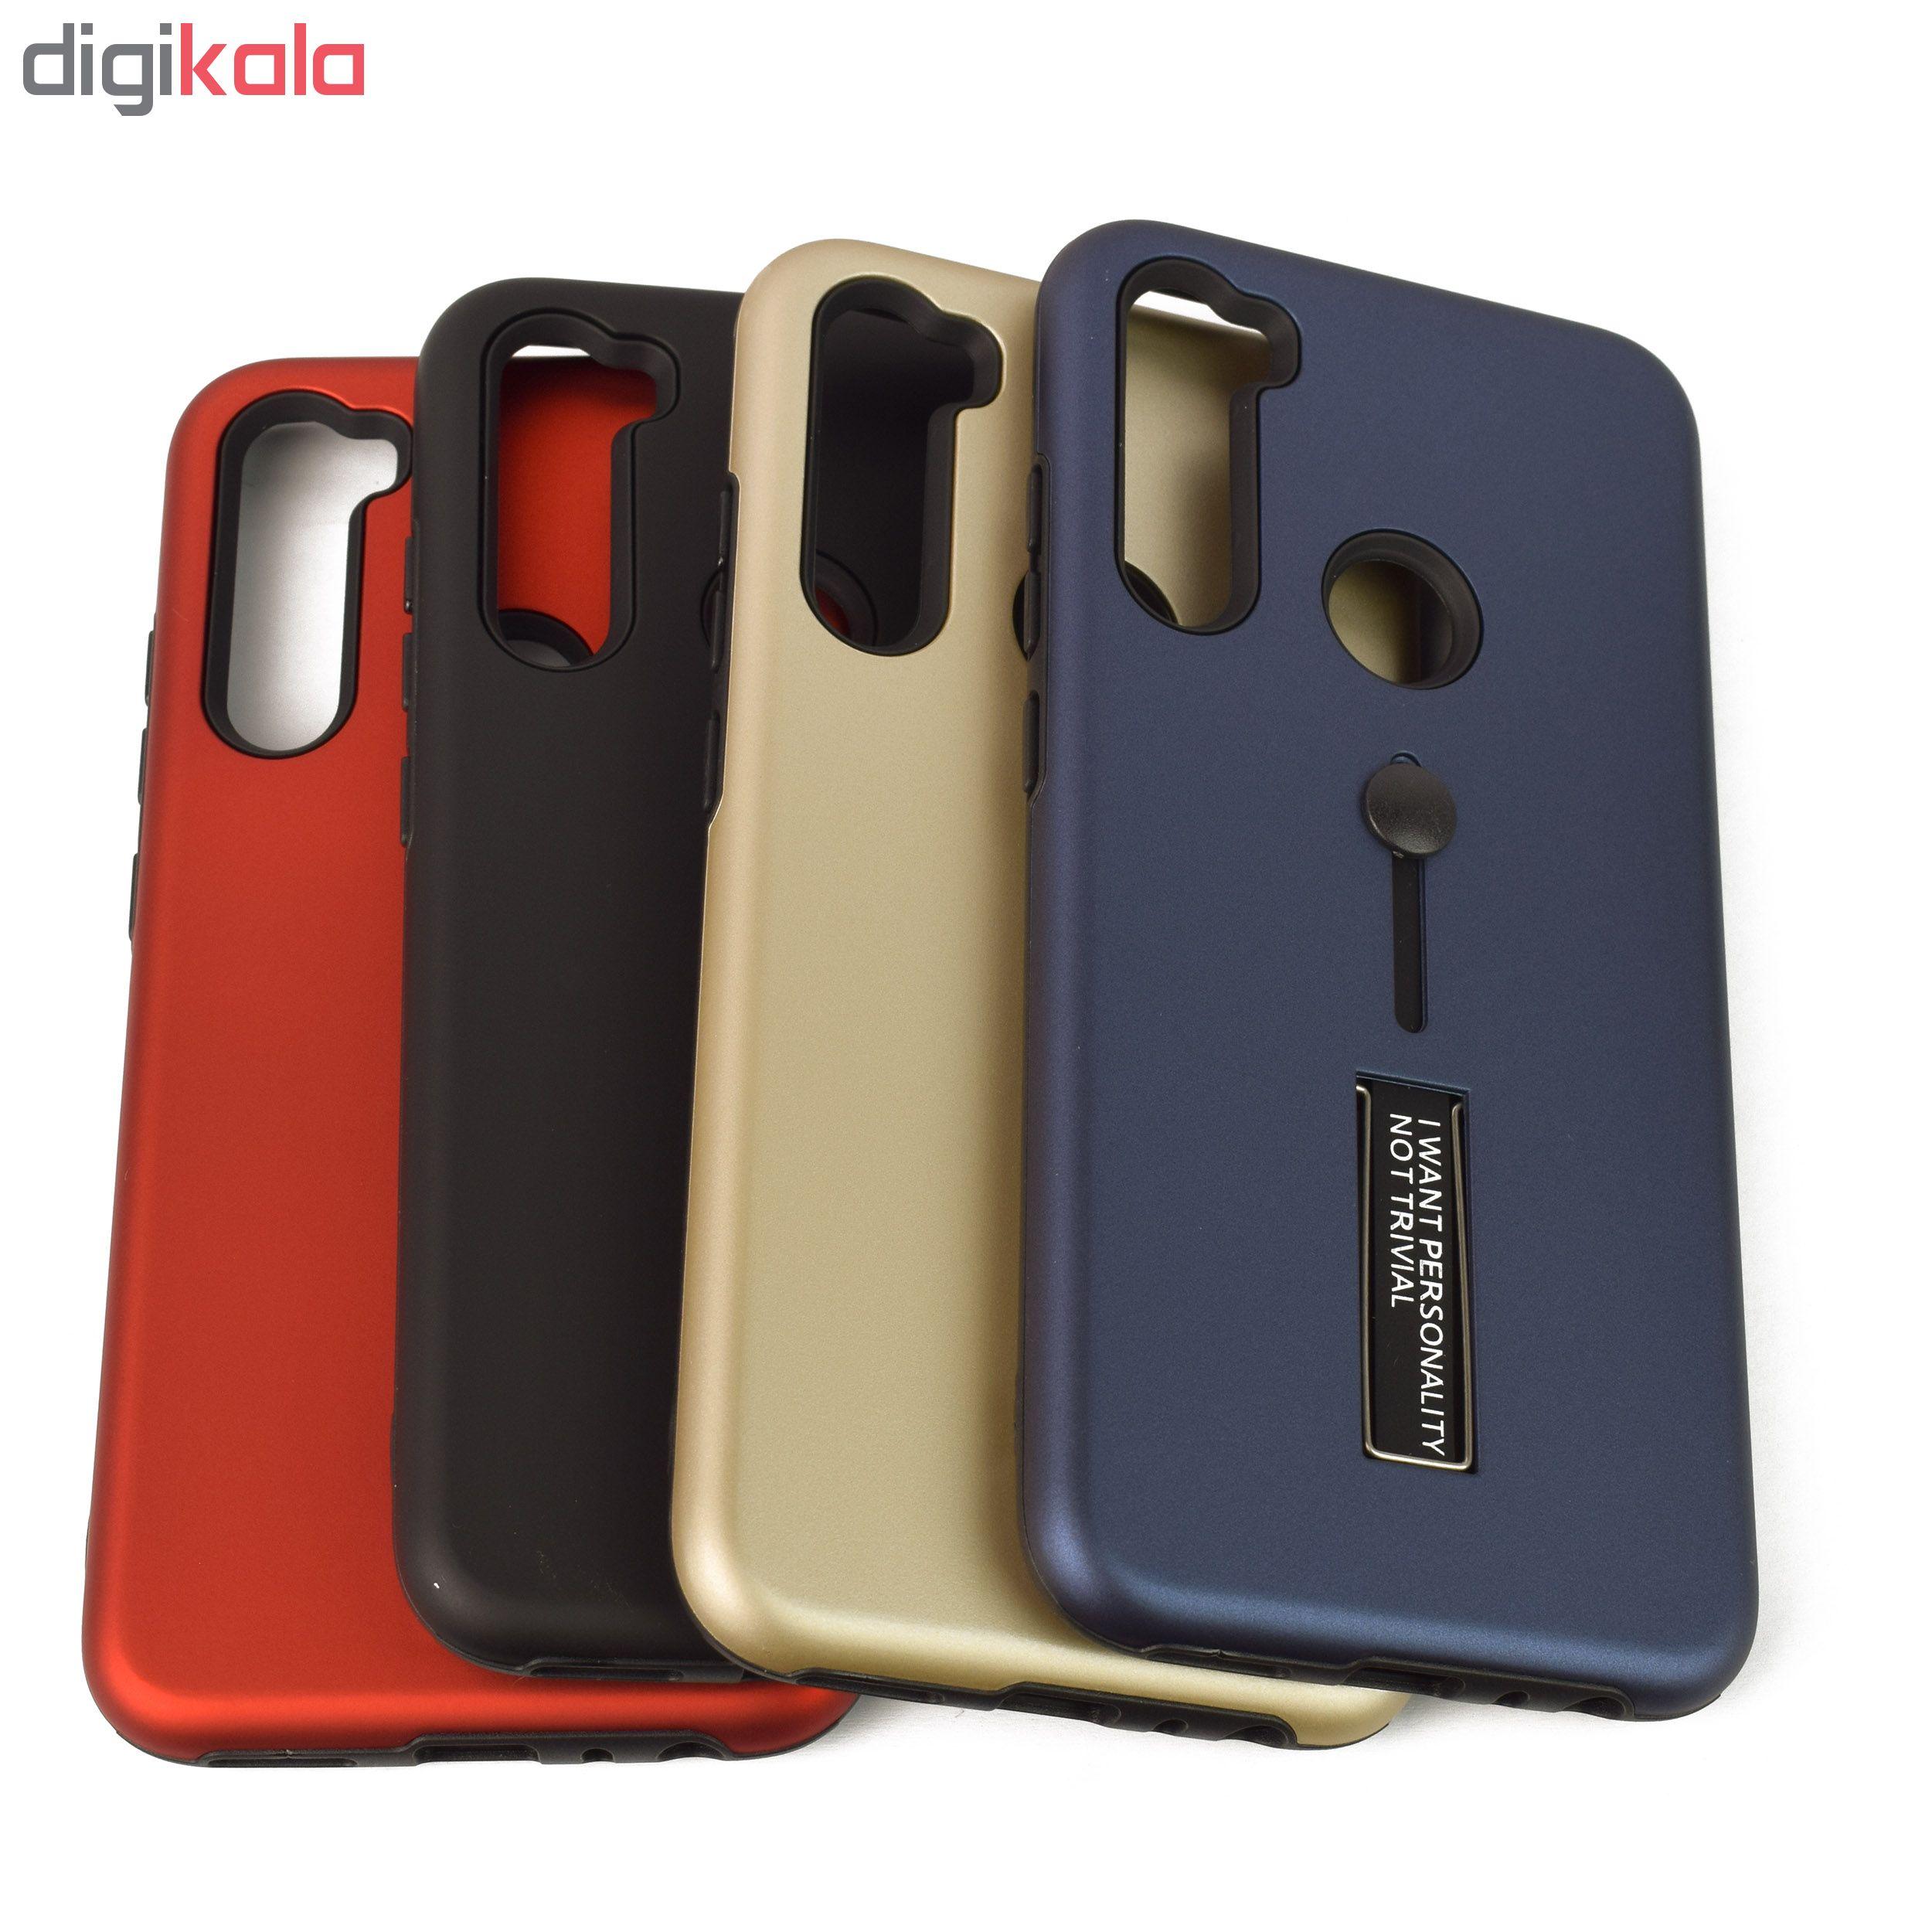 کاور مدل FAS20 مناسب برای گوشی موبایل شیائومی Redmi Note 8 main 1 7